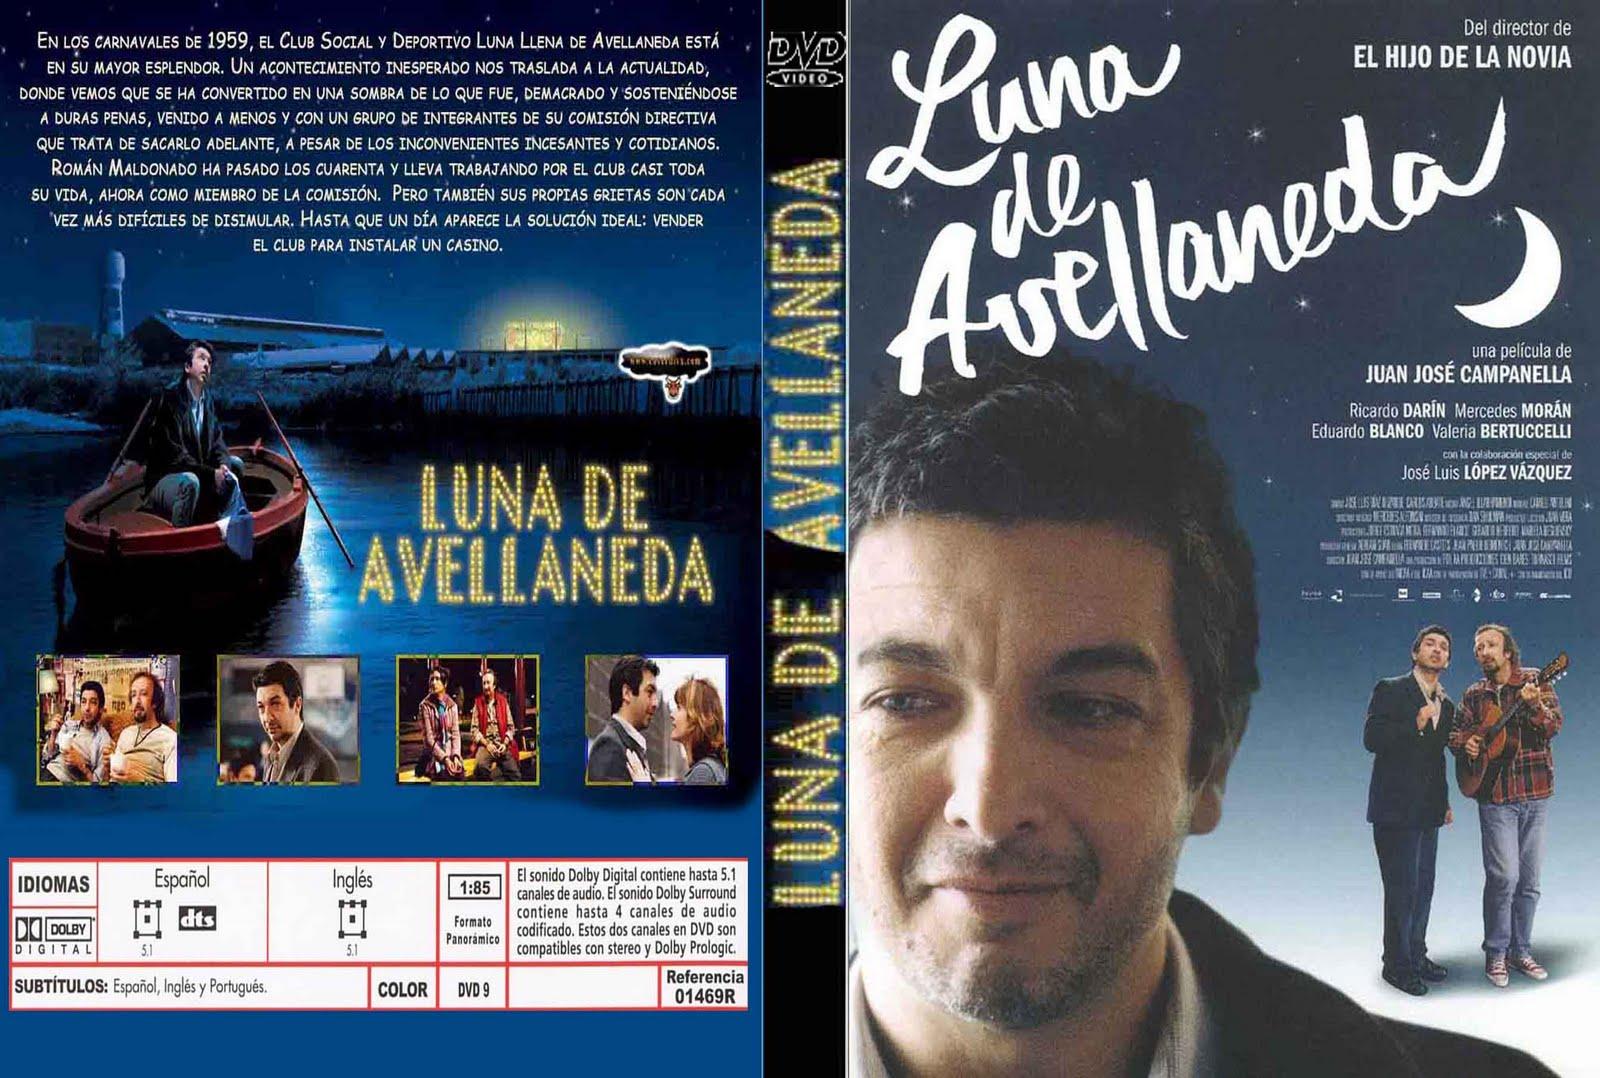 Luna de Avellaneda, ver ahora en Filmin